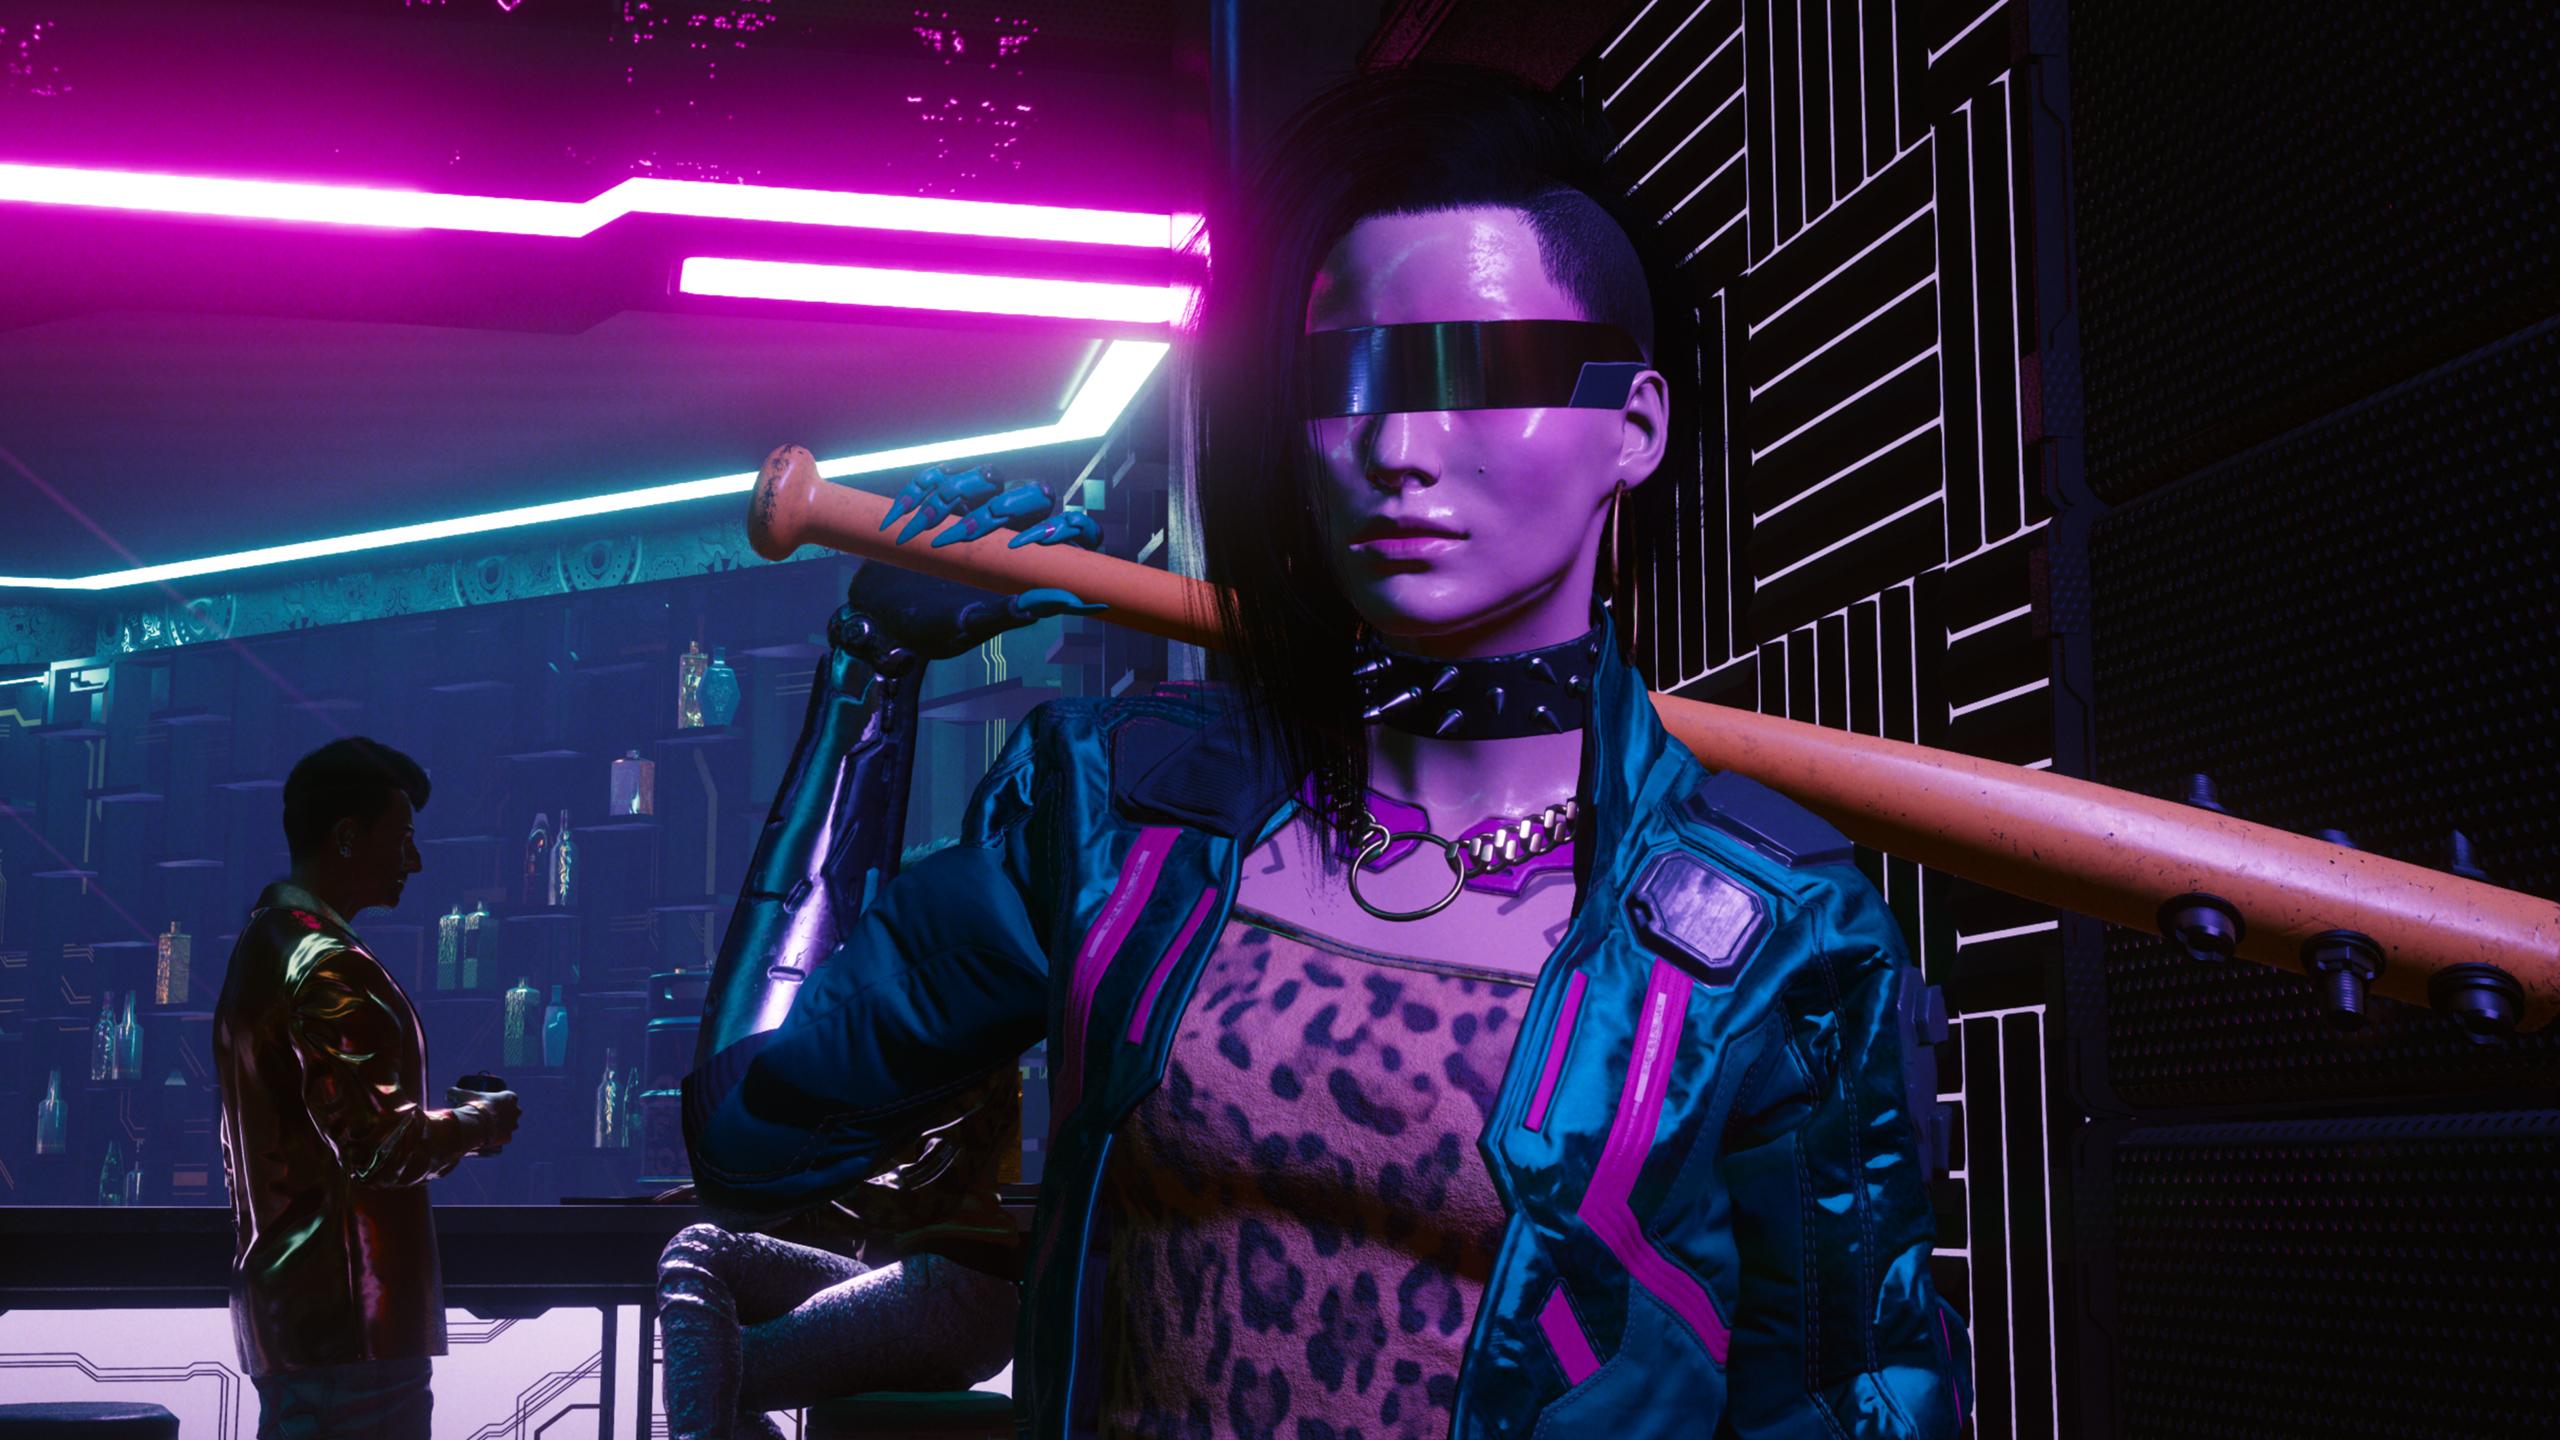 Толстяки, хромированные люди, киборги, прекрасные девушки и другие NPC с улиц Cyberpunk 2077